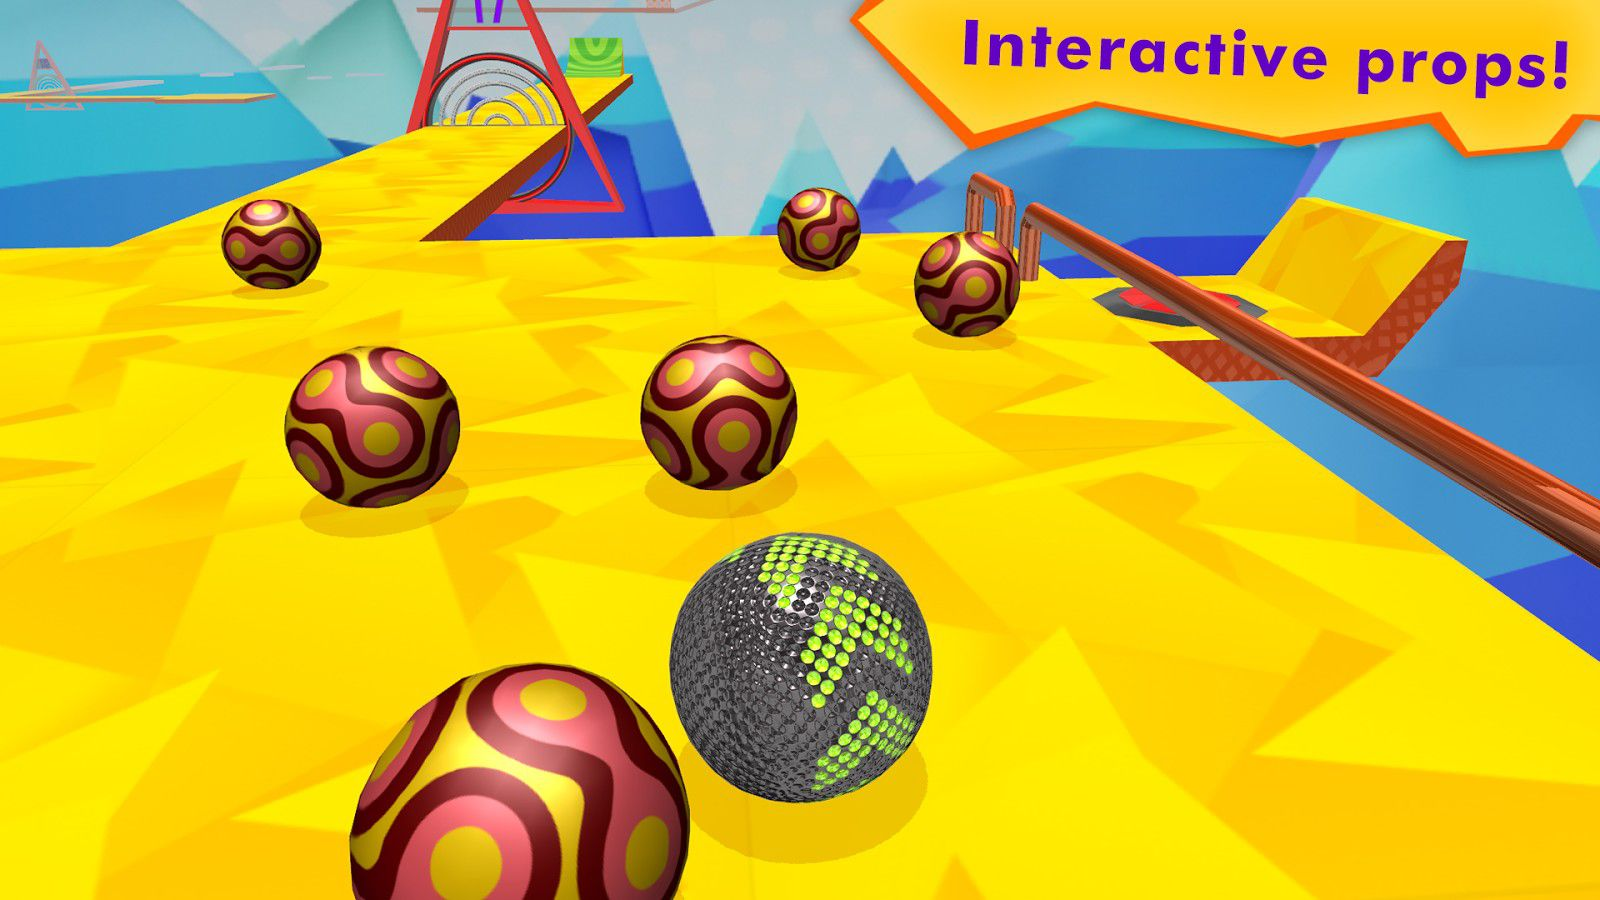 скачать игру bounce для сенсорных телефонов